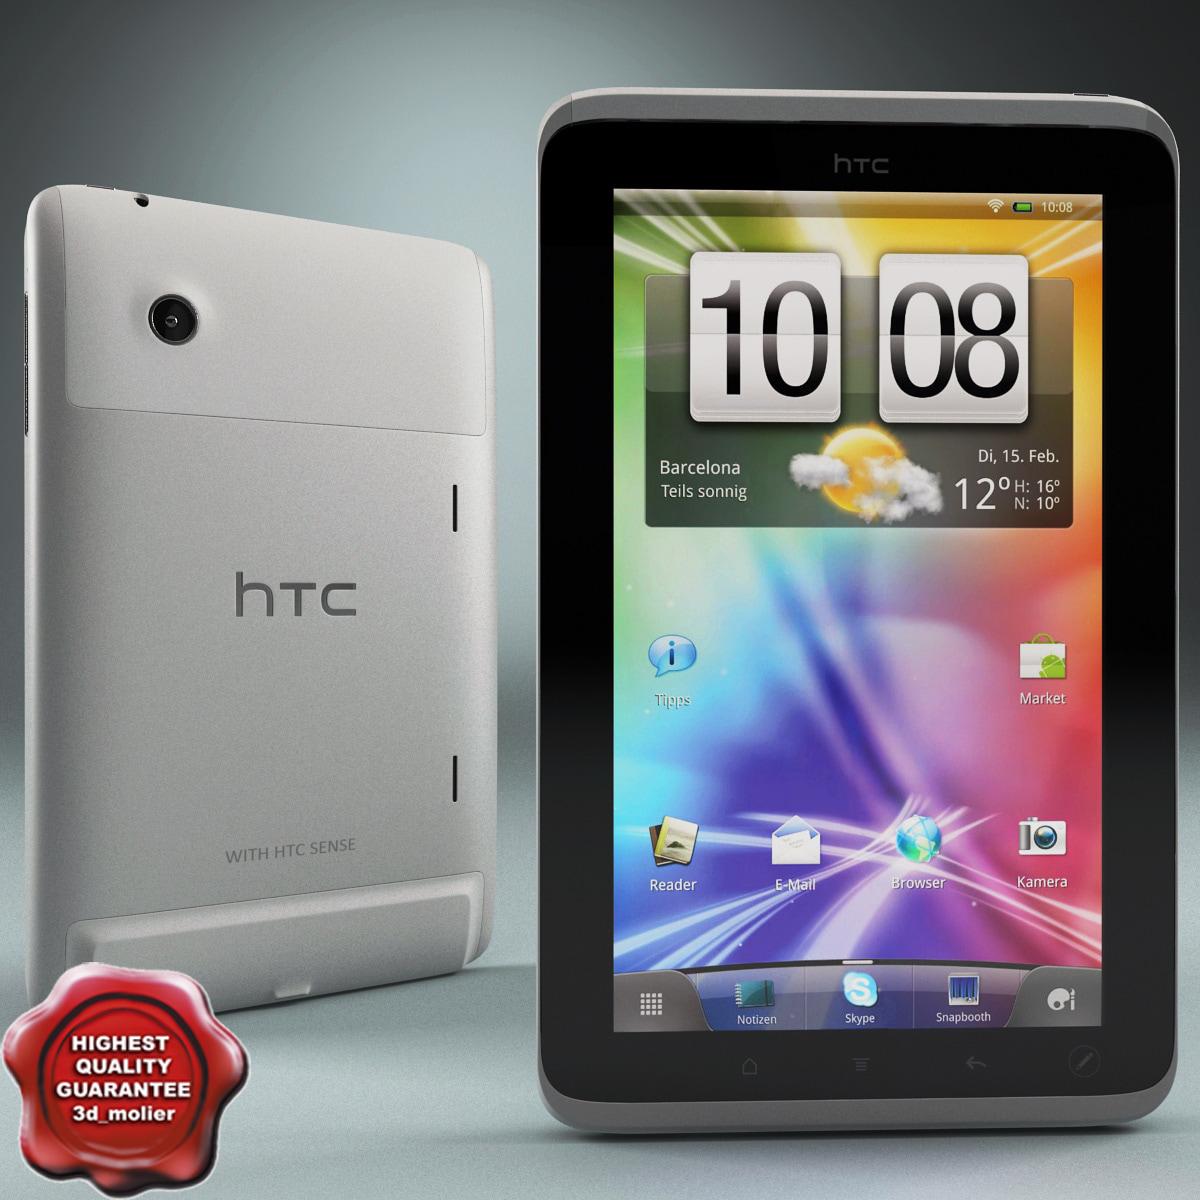 HTC Flyer, Habemus Tablet HTC